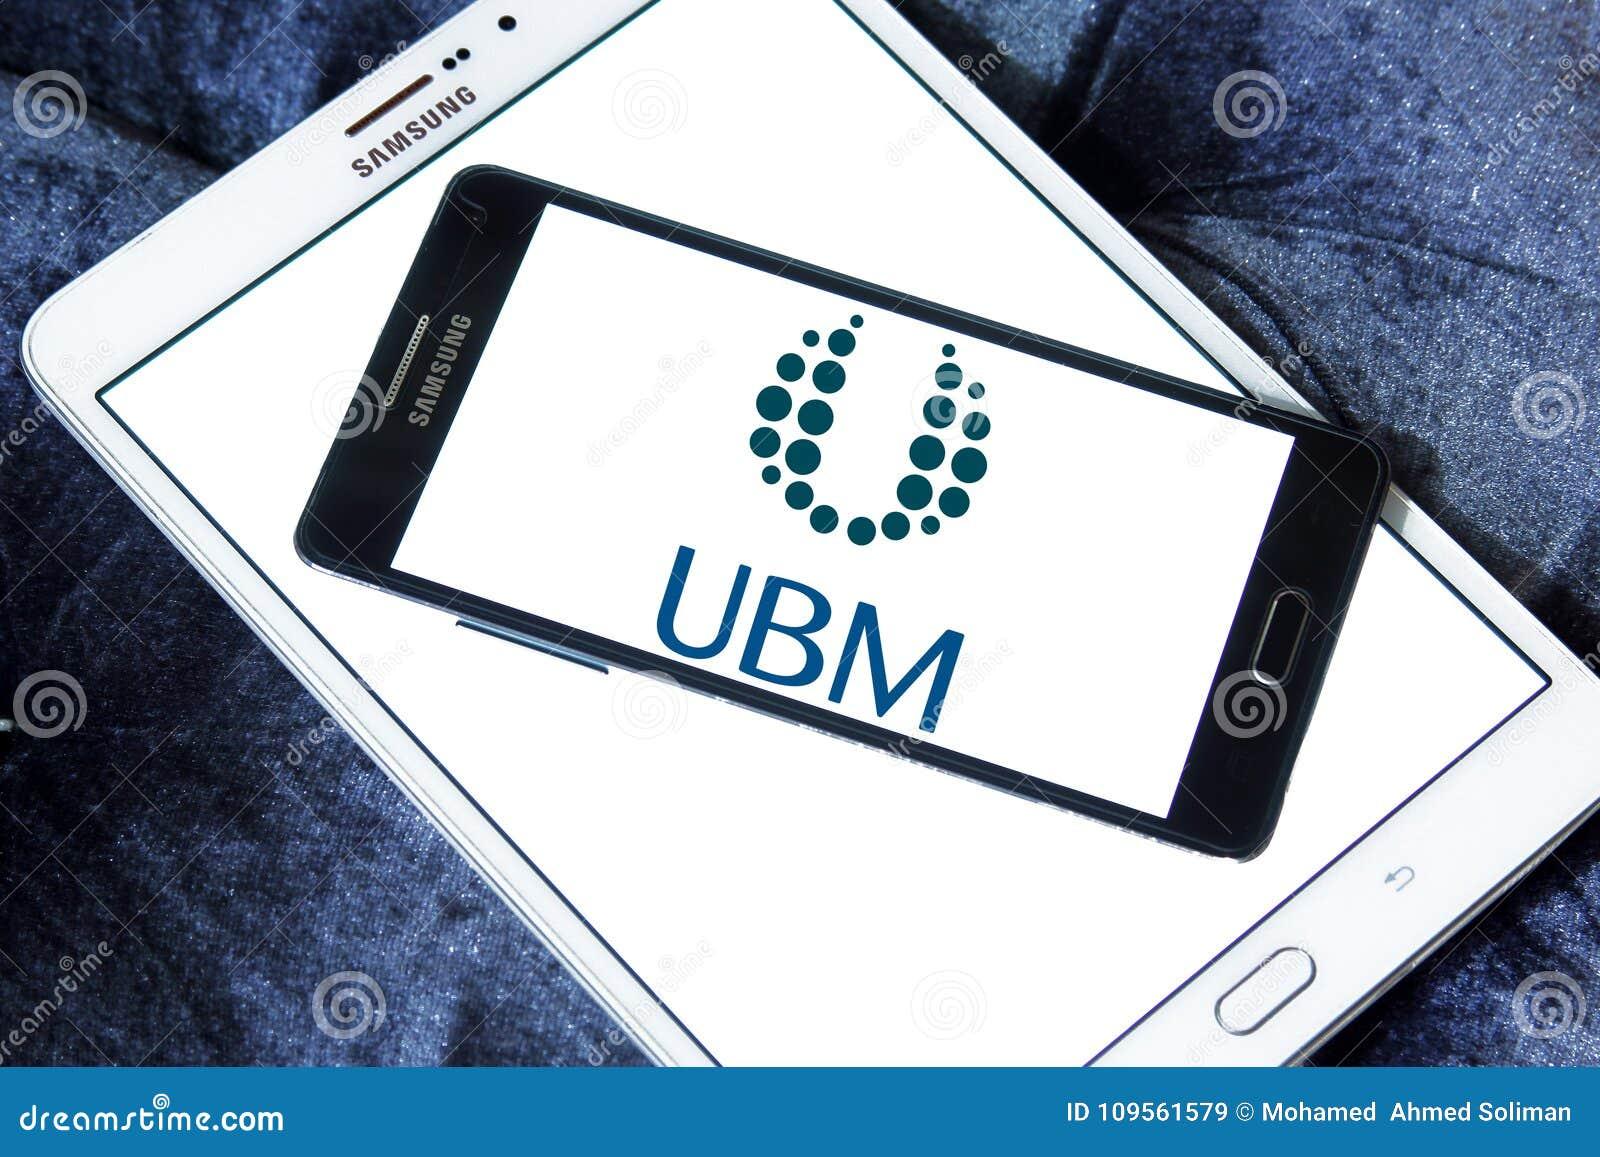 Ubm Media Company Logo Editorial Stock Image Image Of Company 109561579